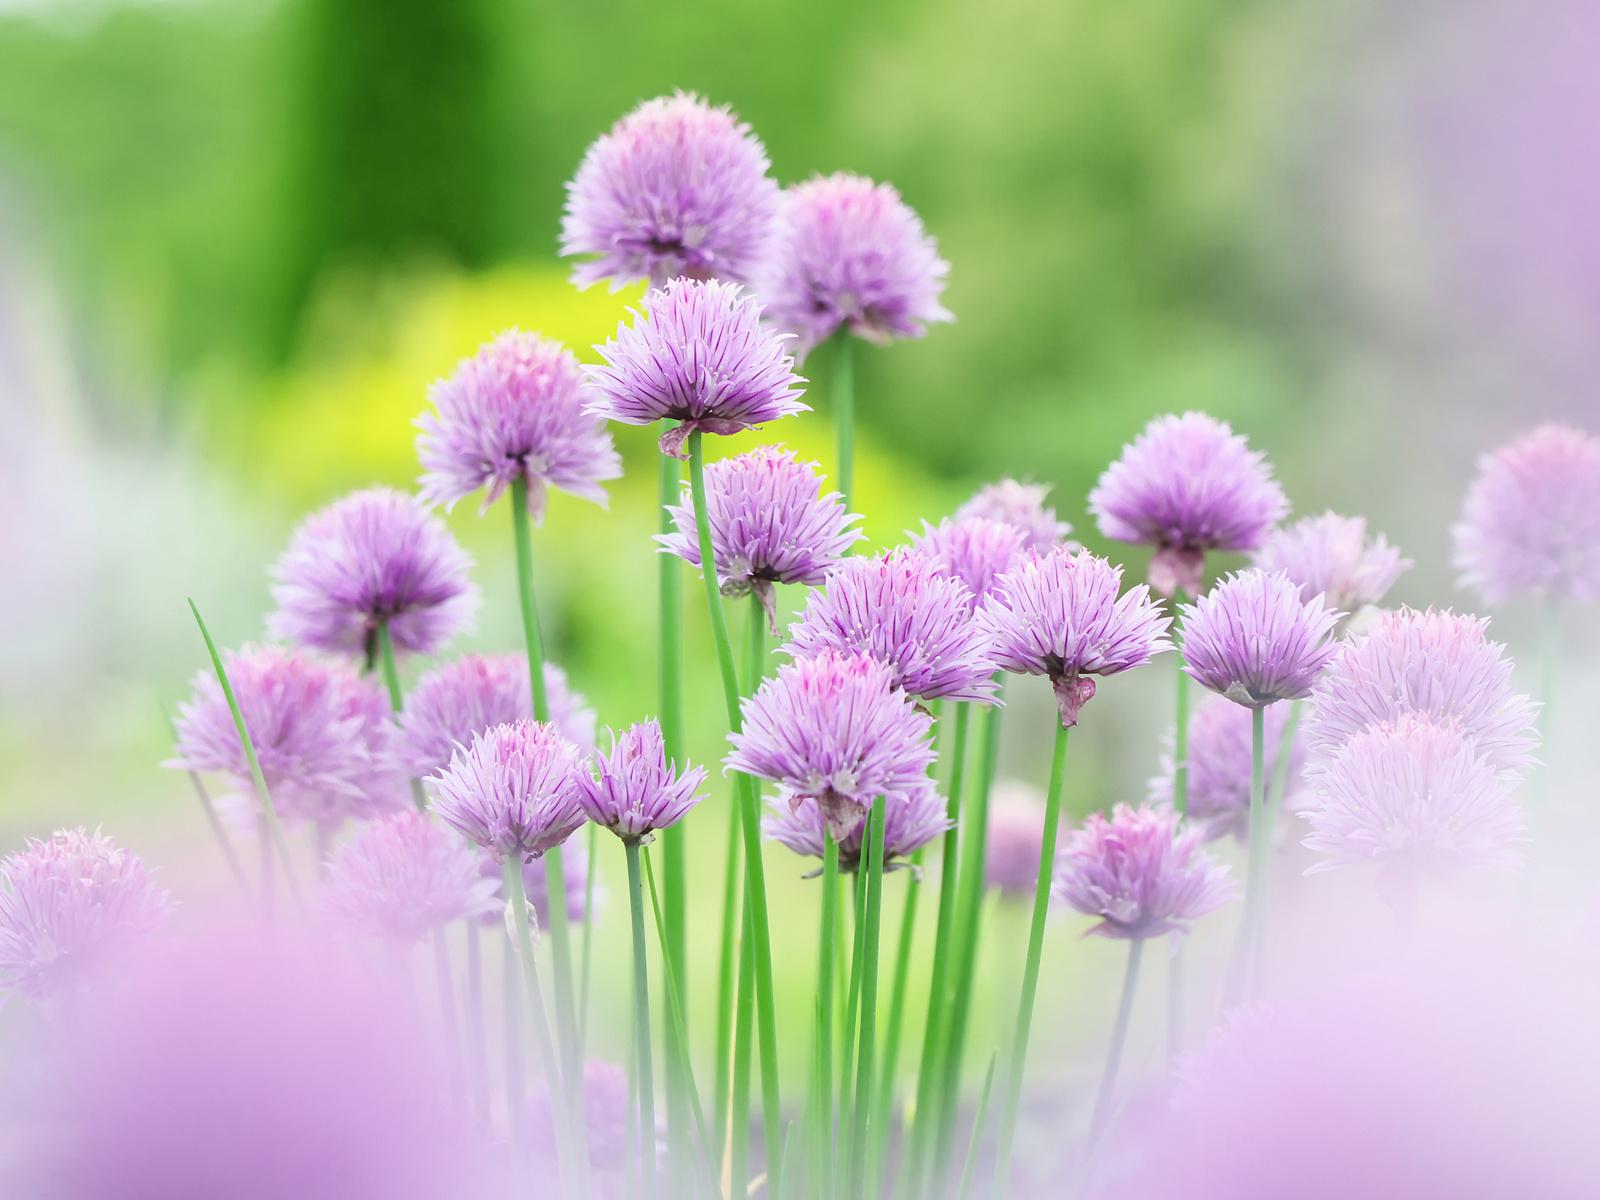 Gifs animados de Flores ~ Gifmania - imagenes de flores animadas